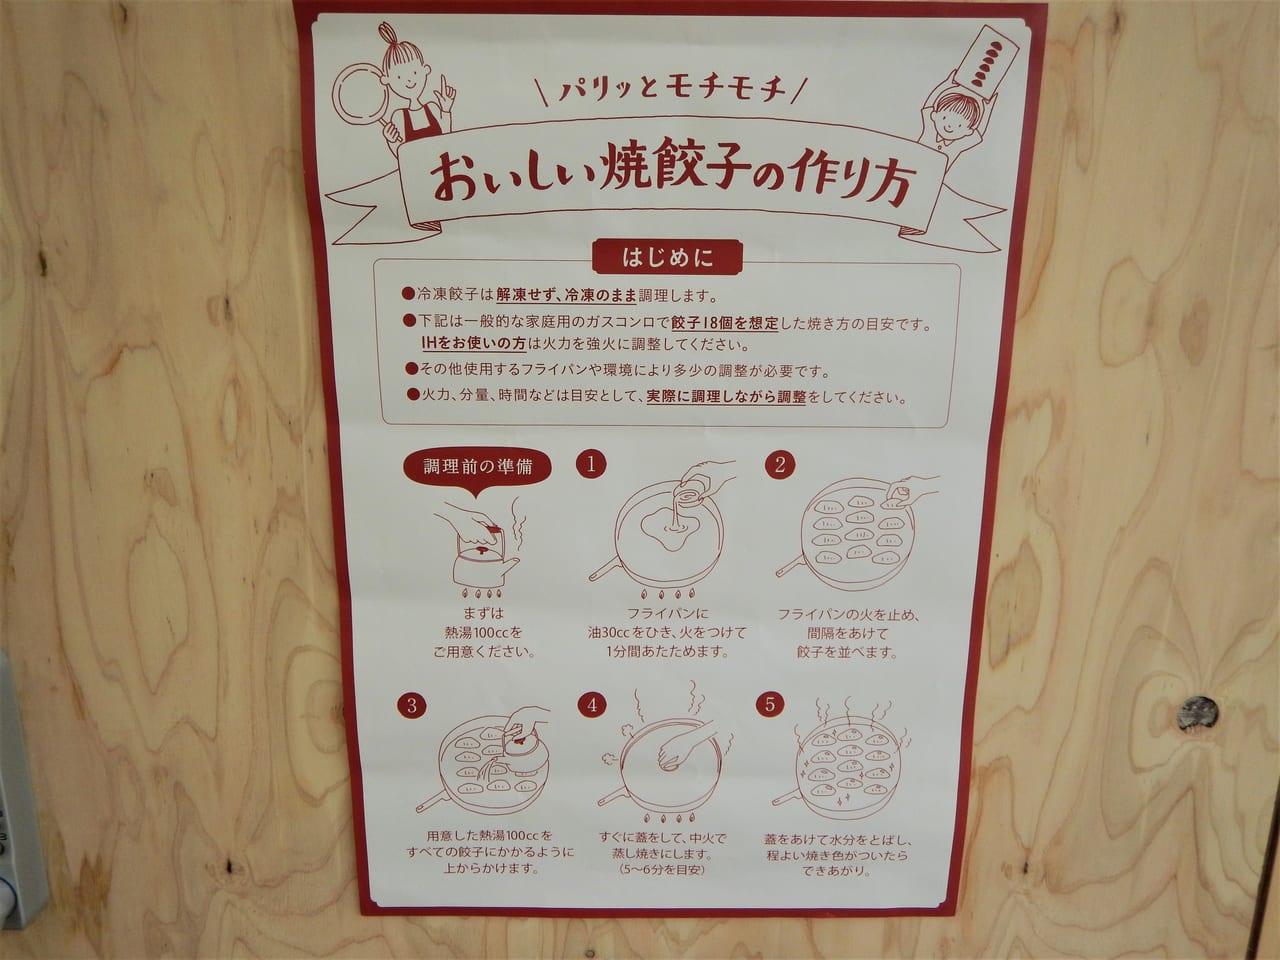 餃子の雪松 美味しい焼餃子の作り方